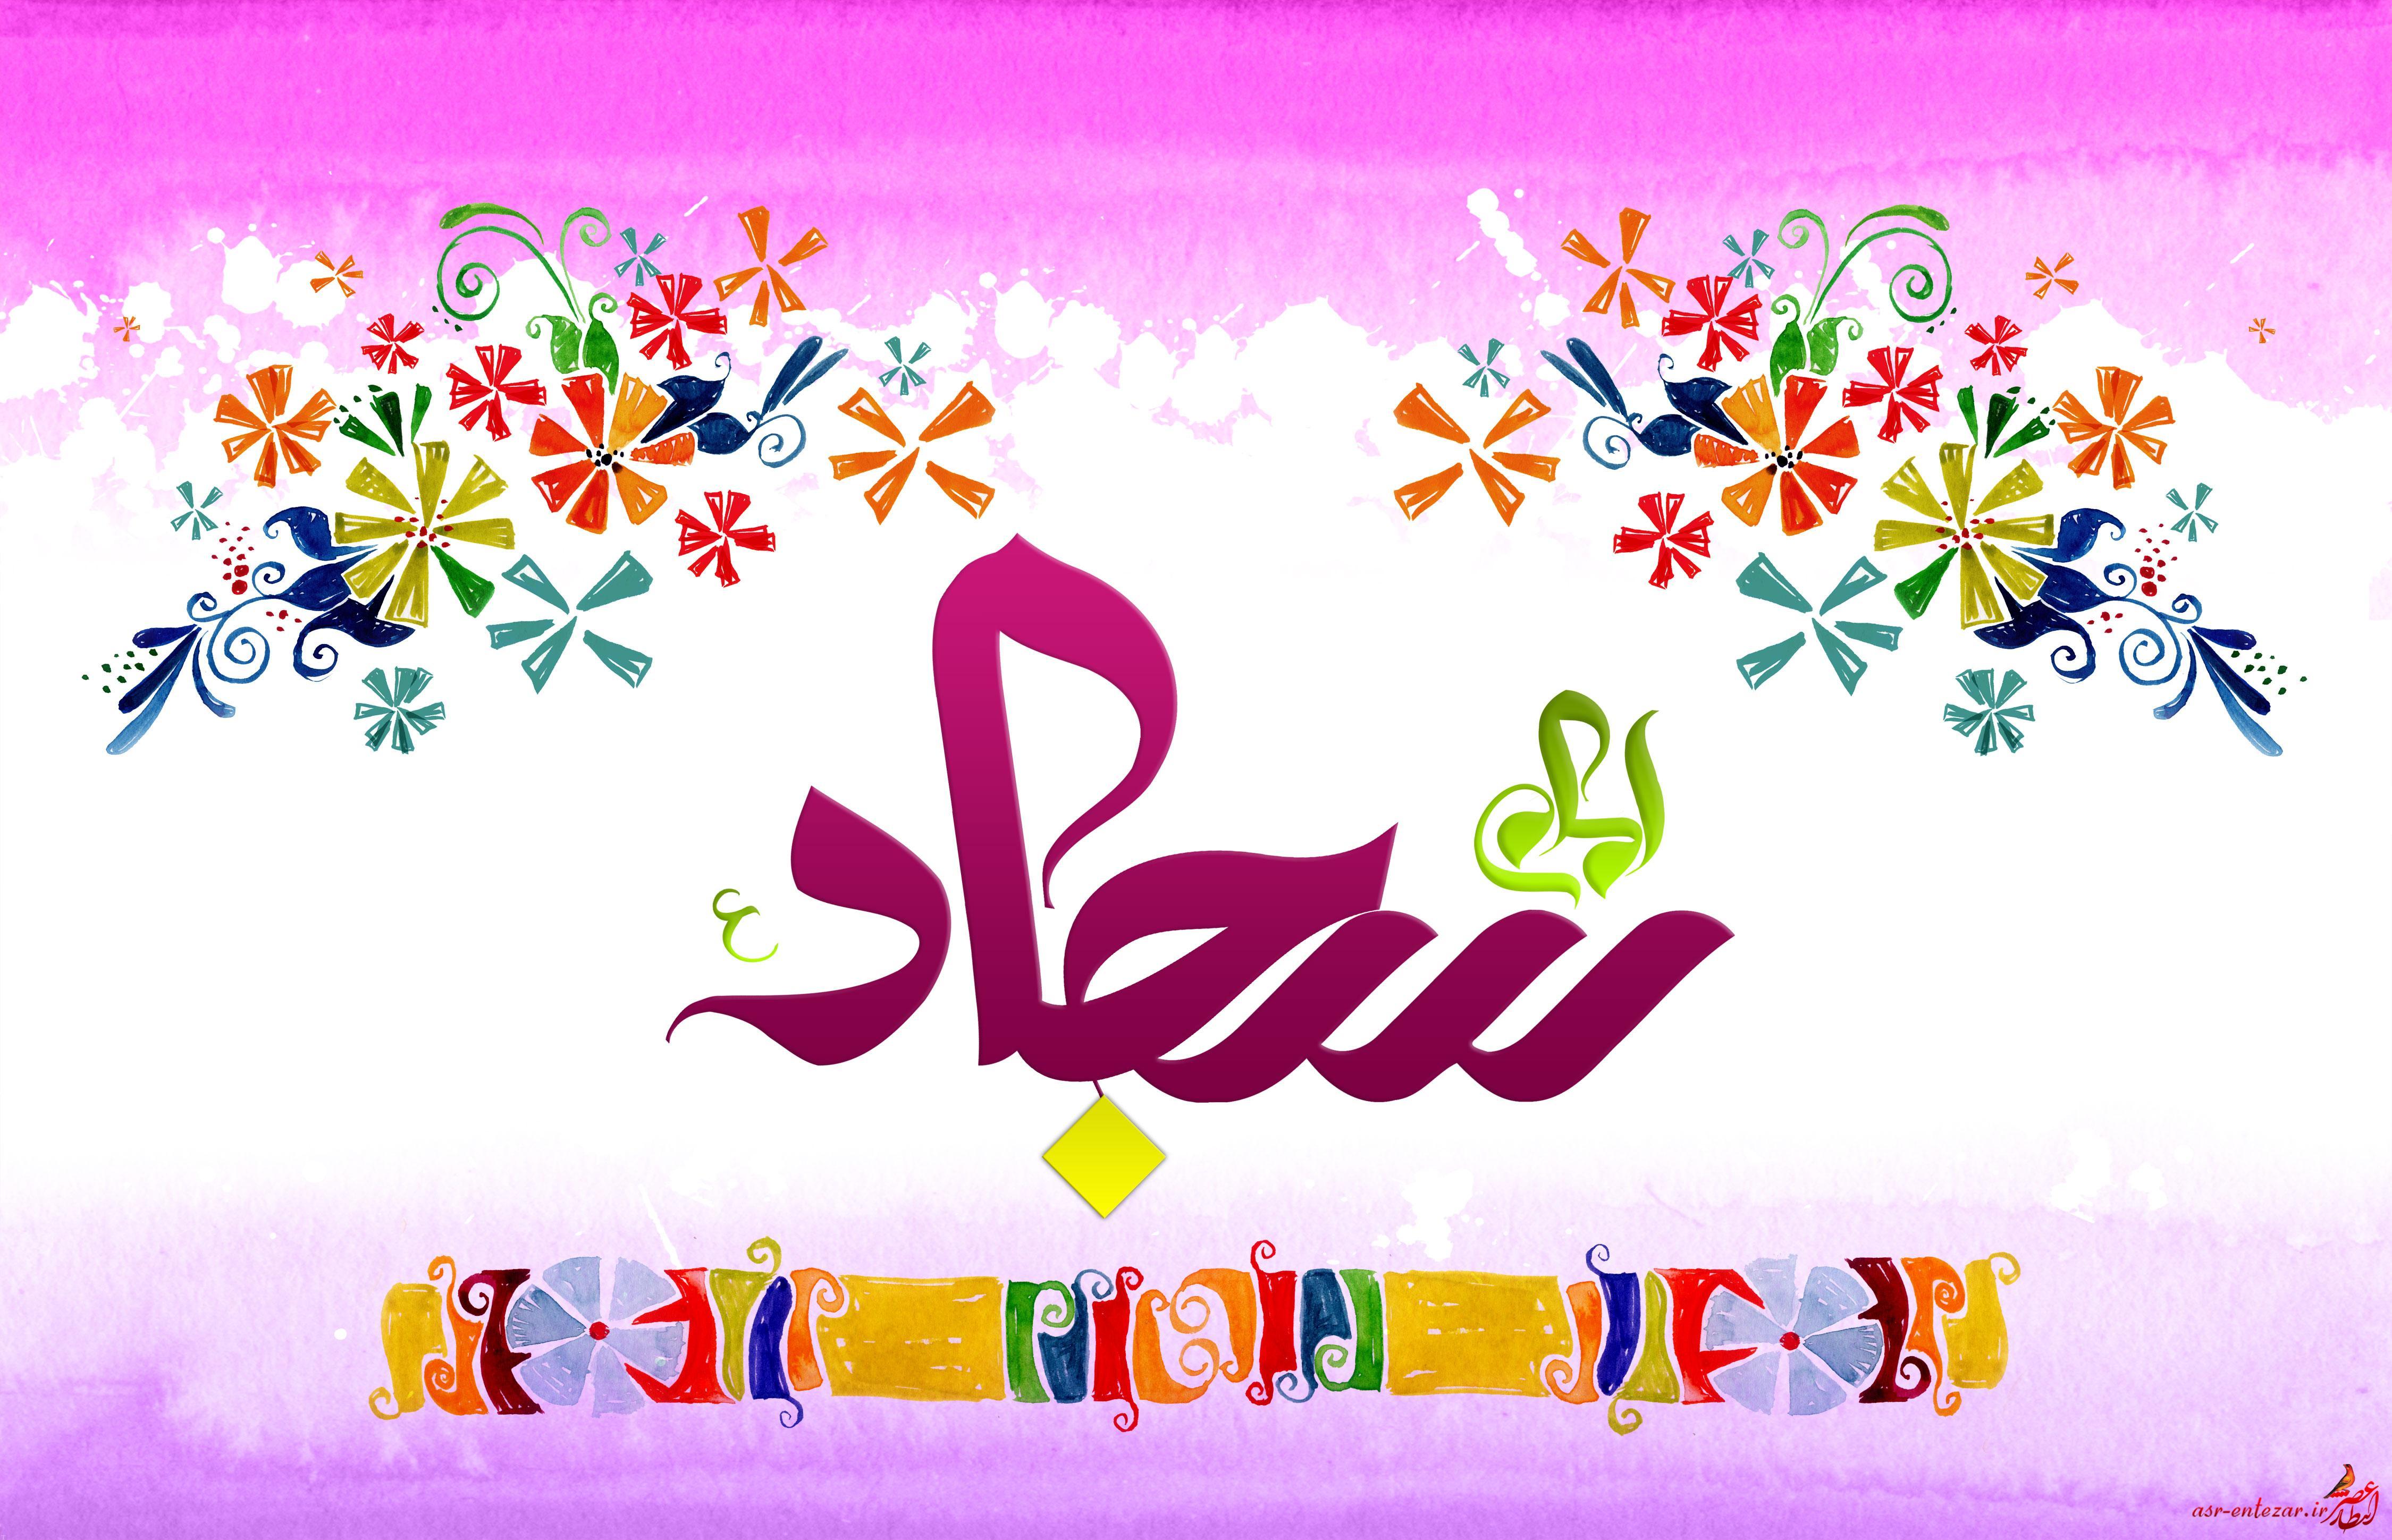 امام سجاد (ع) ایجاد کننده شبکه وکالت / صحیفه سجادیه گنجینه امام زین العابدین (ع) برای هدایت بشر